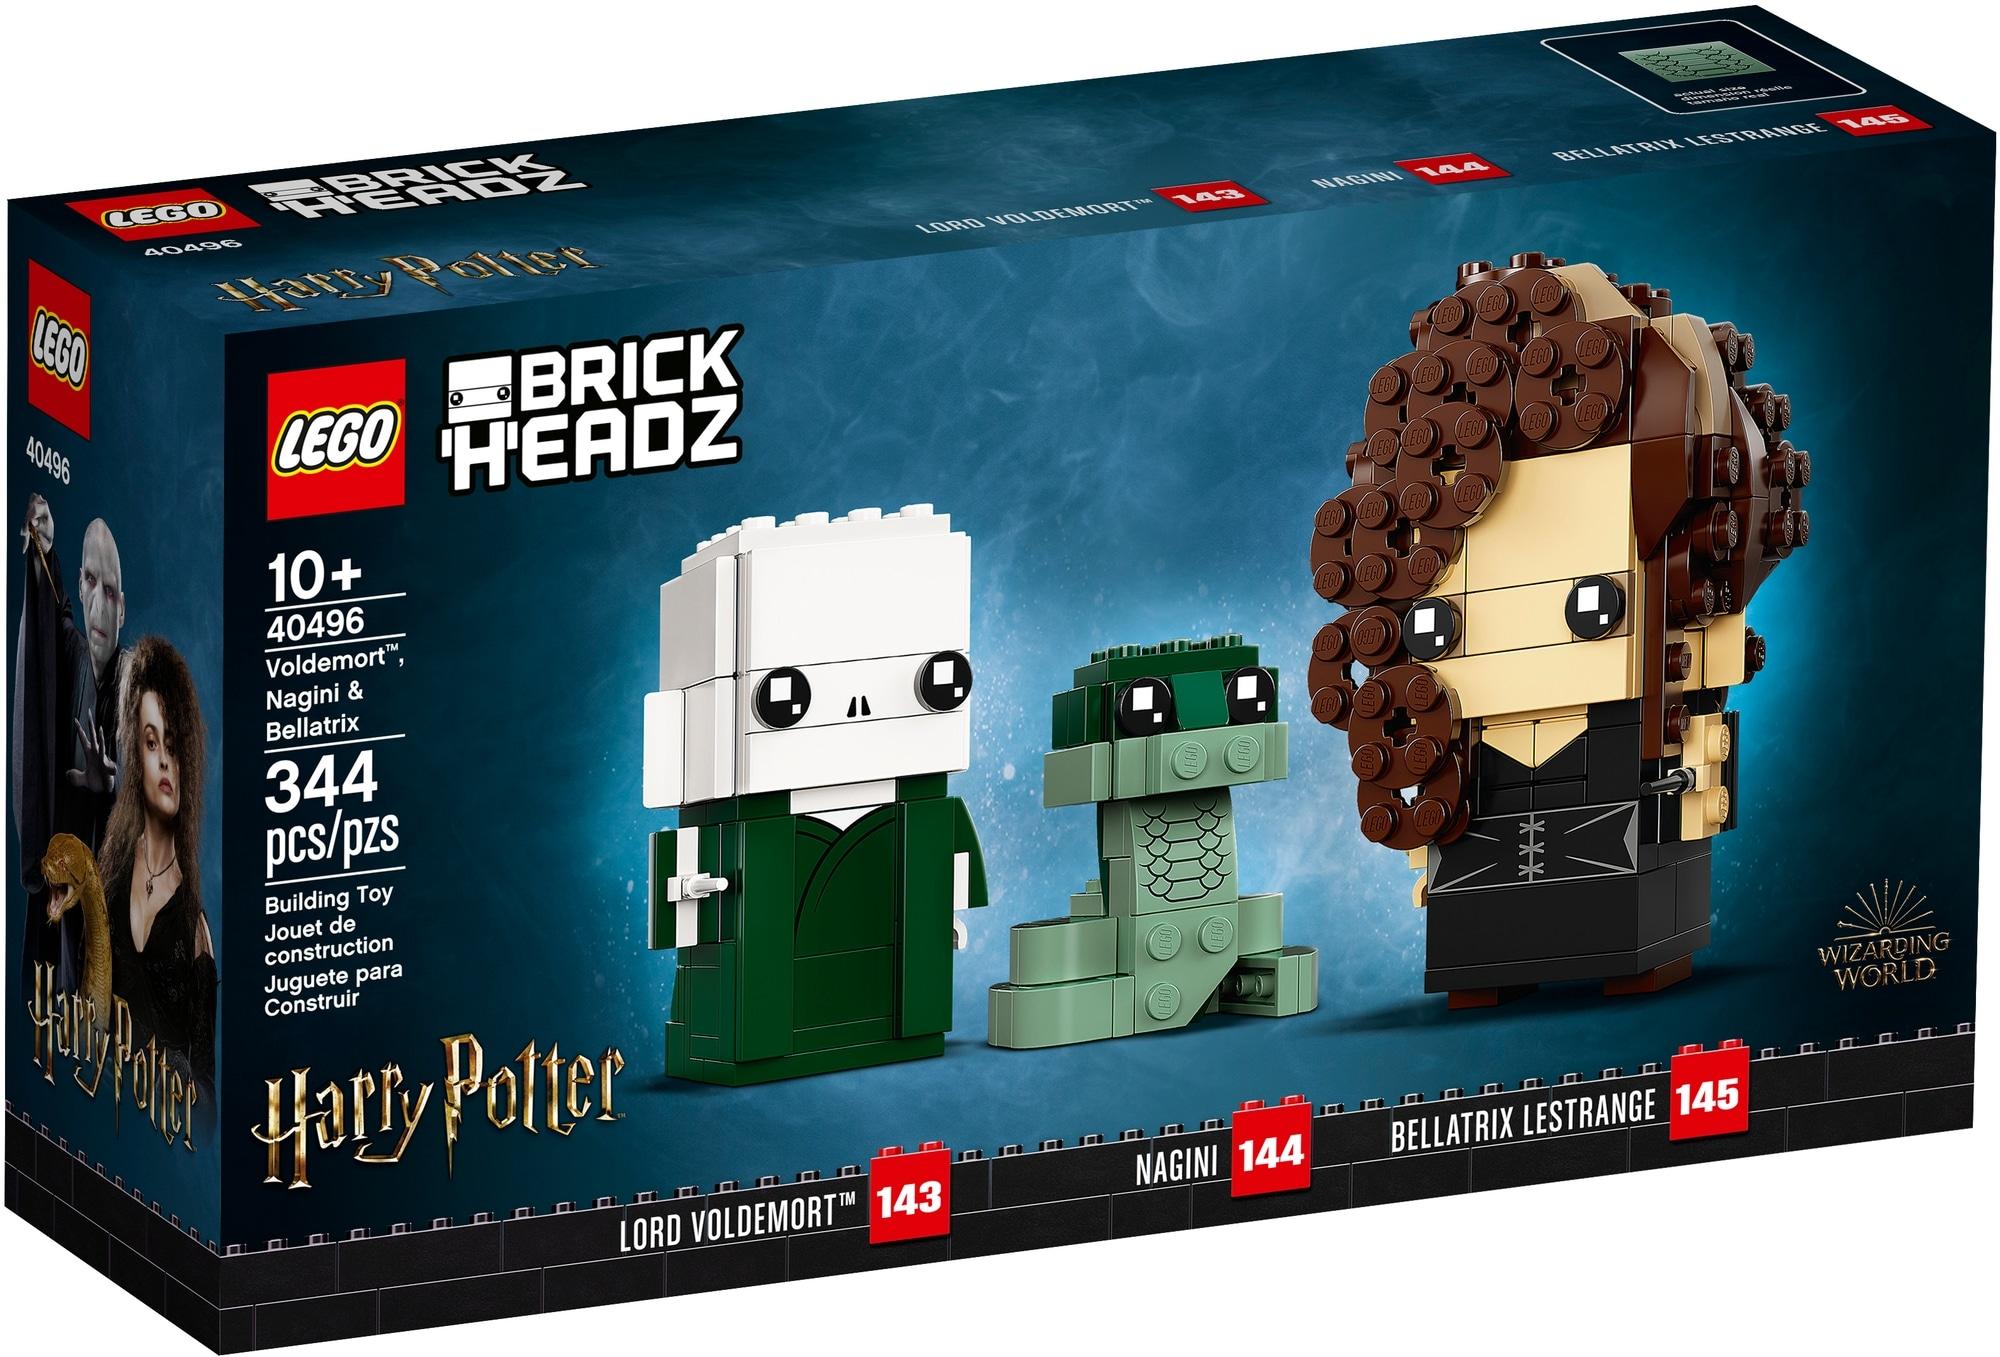 LEGO Brickheadz 40496 Voldemort, Nagini & Bellatrix 2